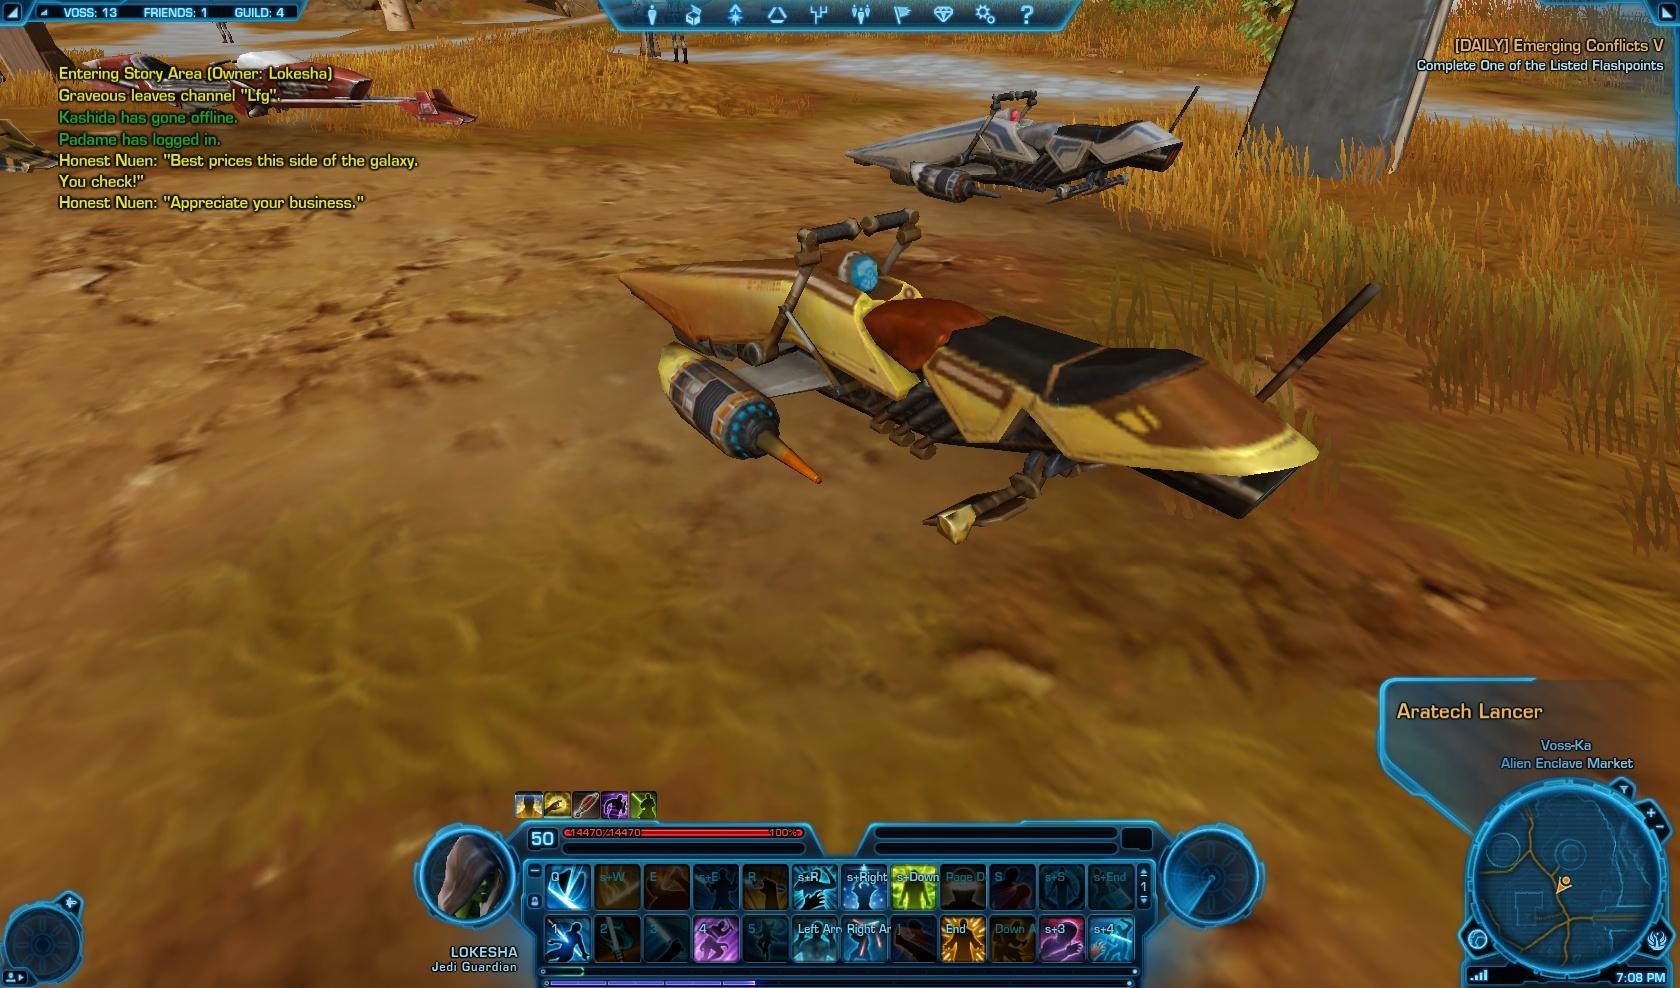 Aratech Lancer Speeder